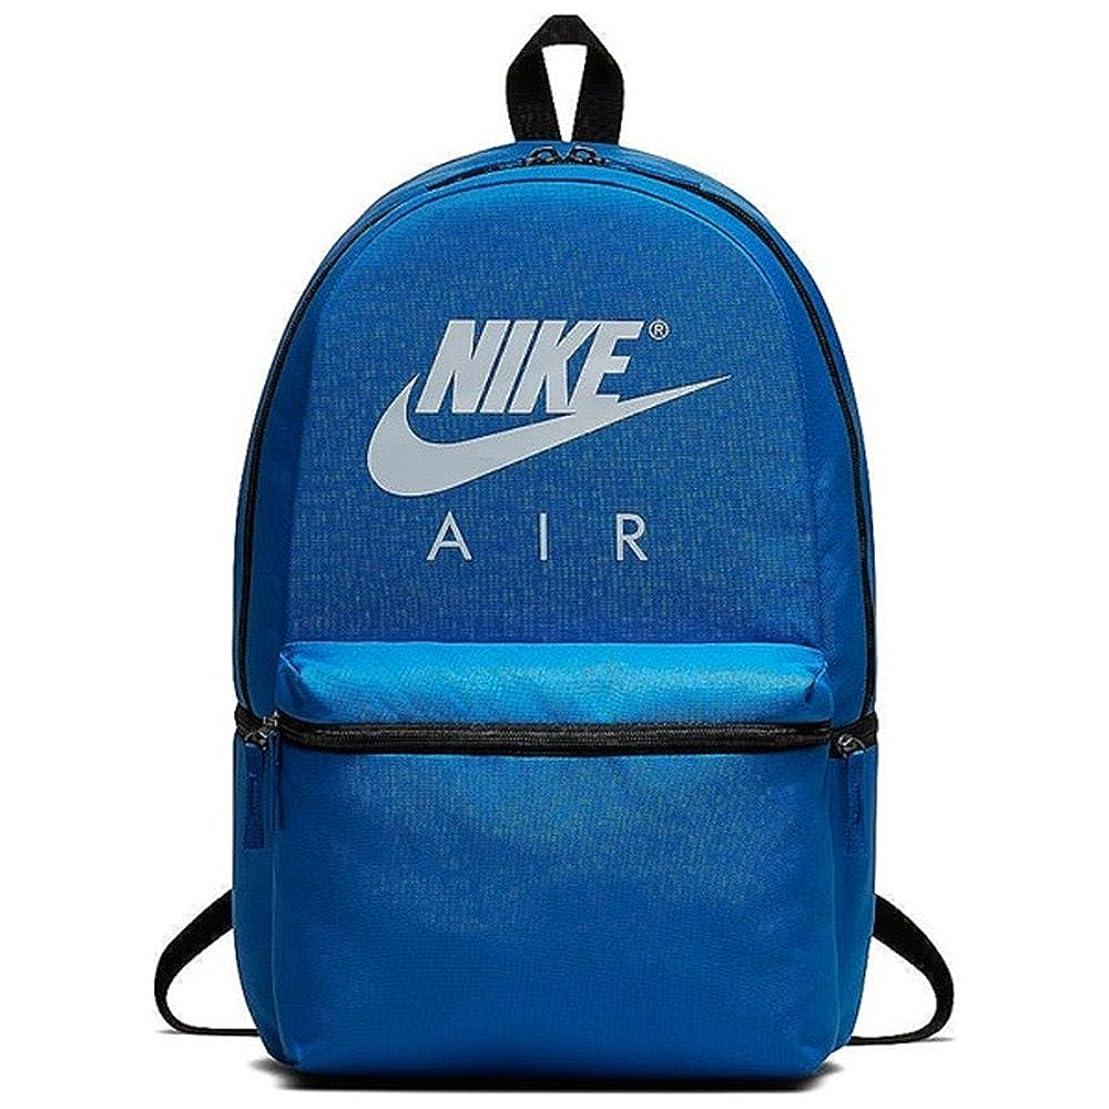 さておきアルファベット順航空会社Nike AIR バックパック ブルー/ホワイト